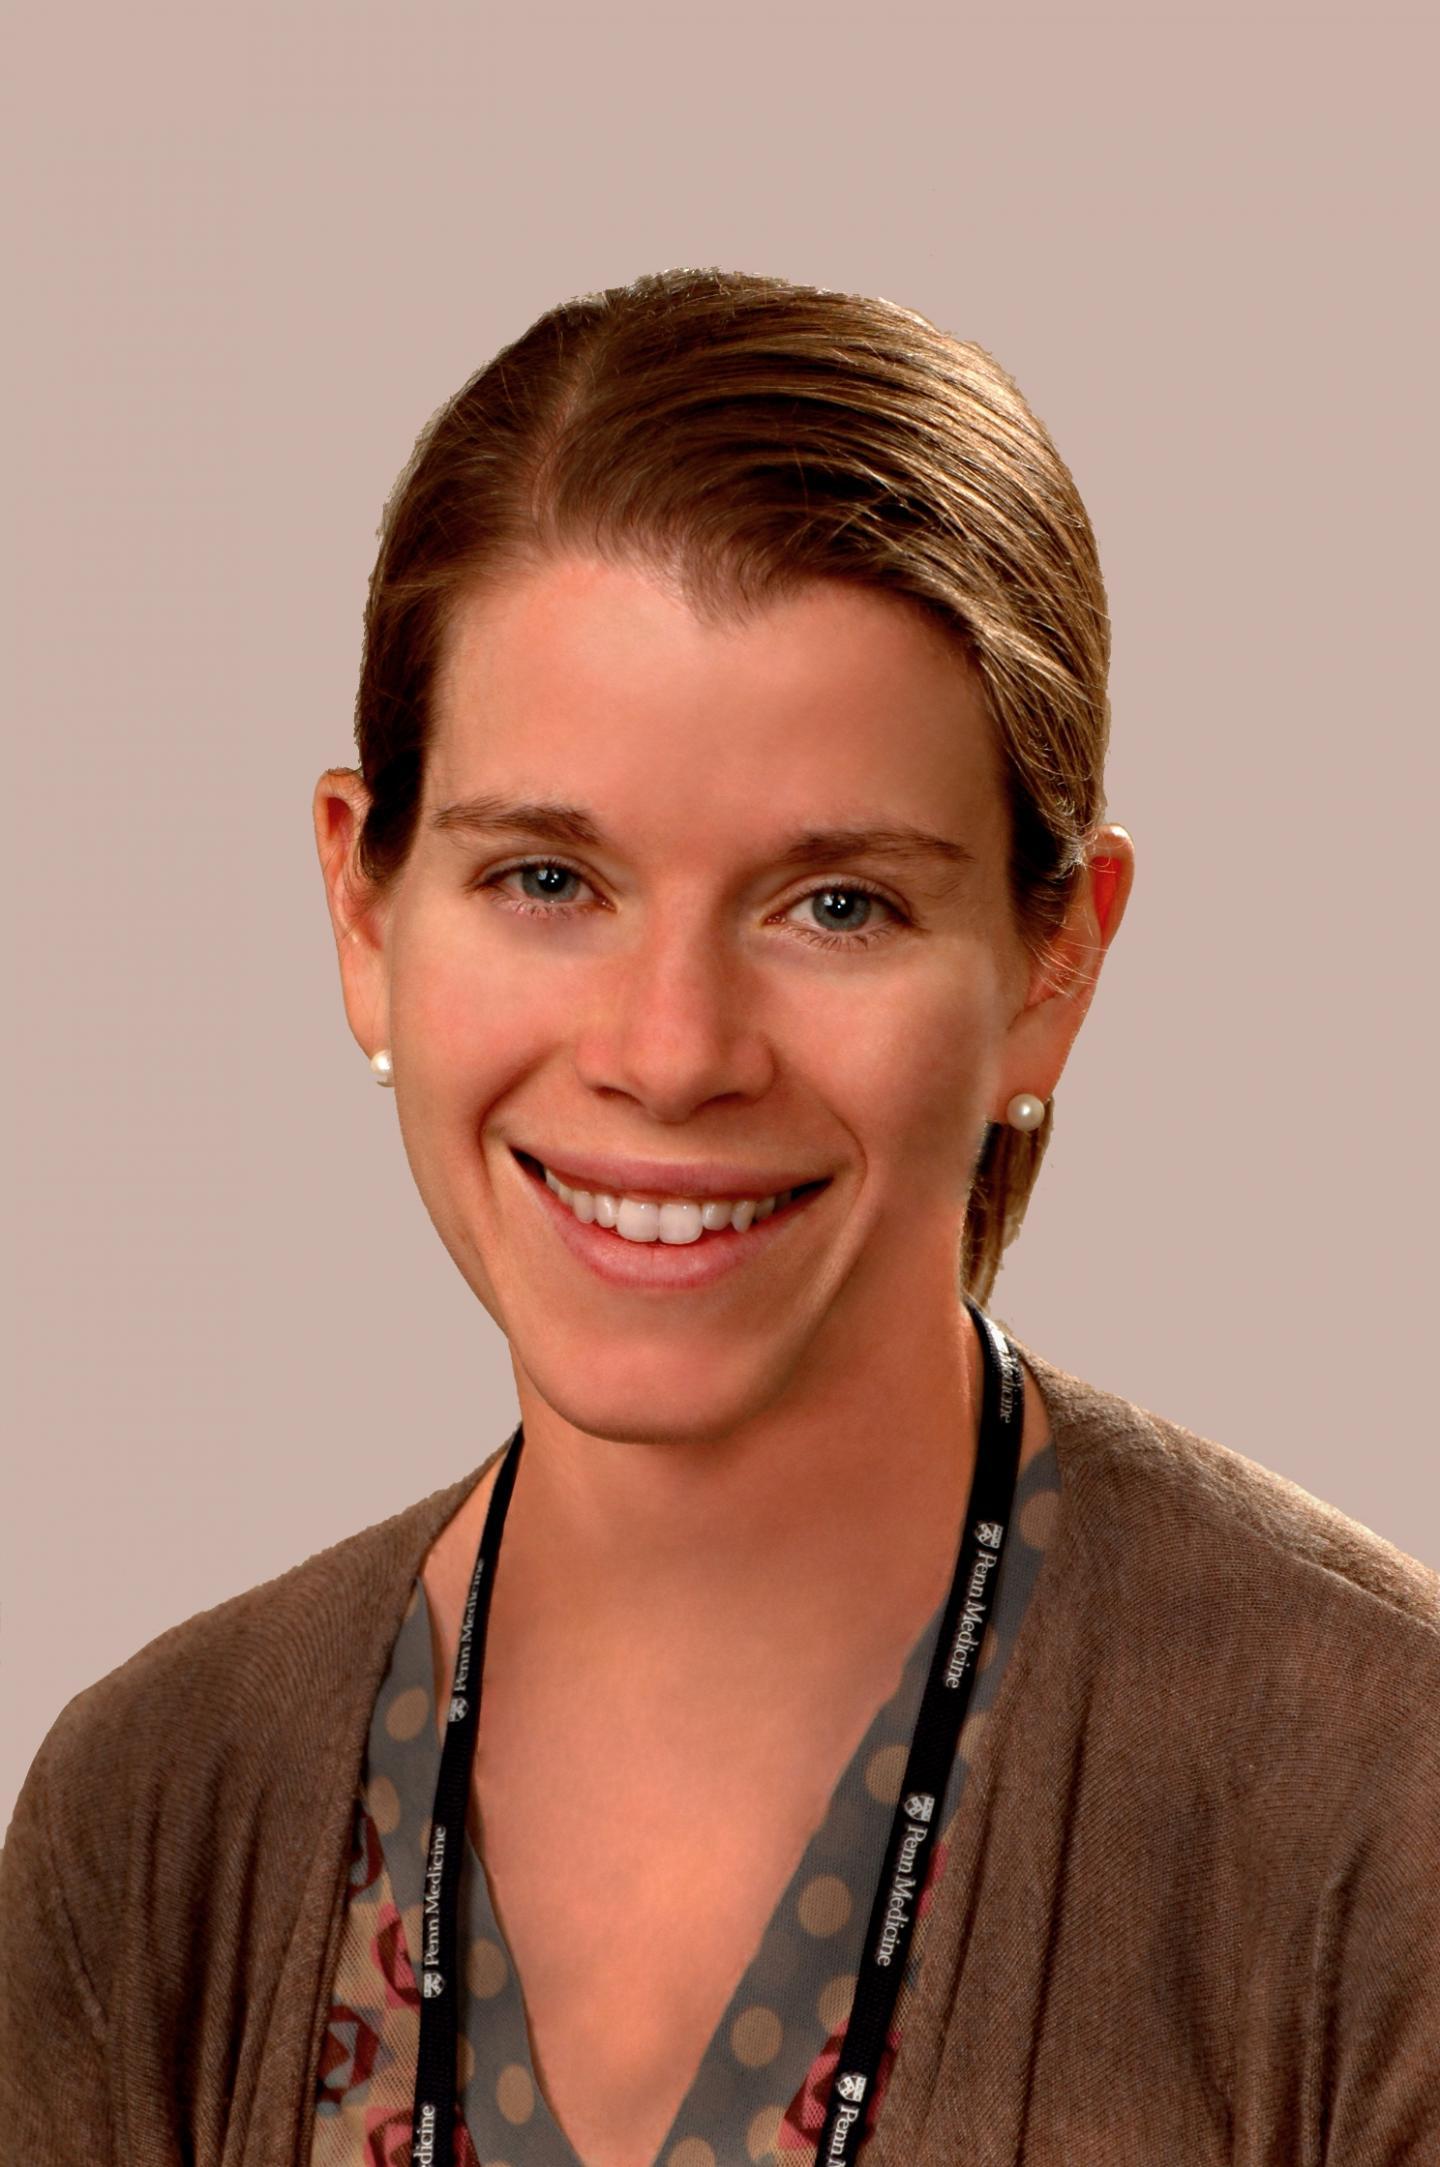 Shana McCormack, The Children's Hospital of Philadelphia